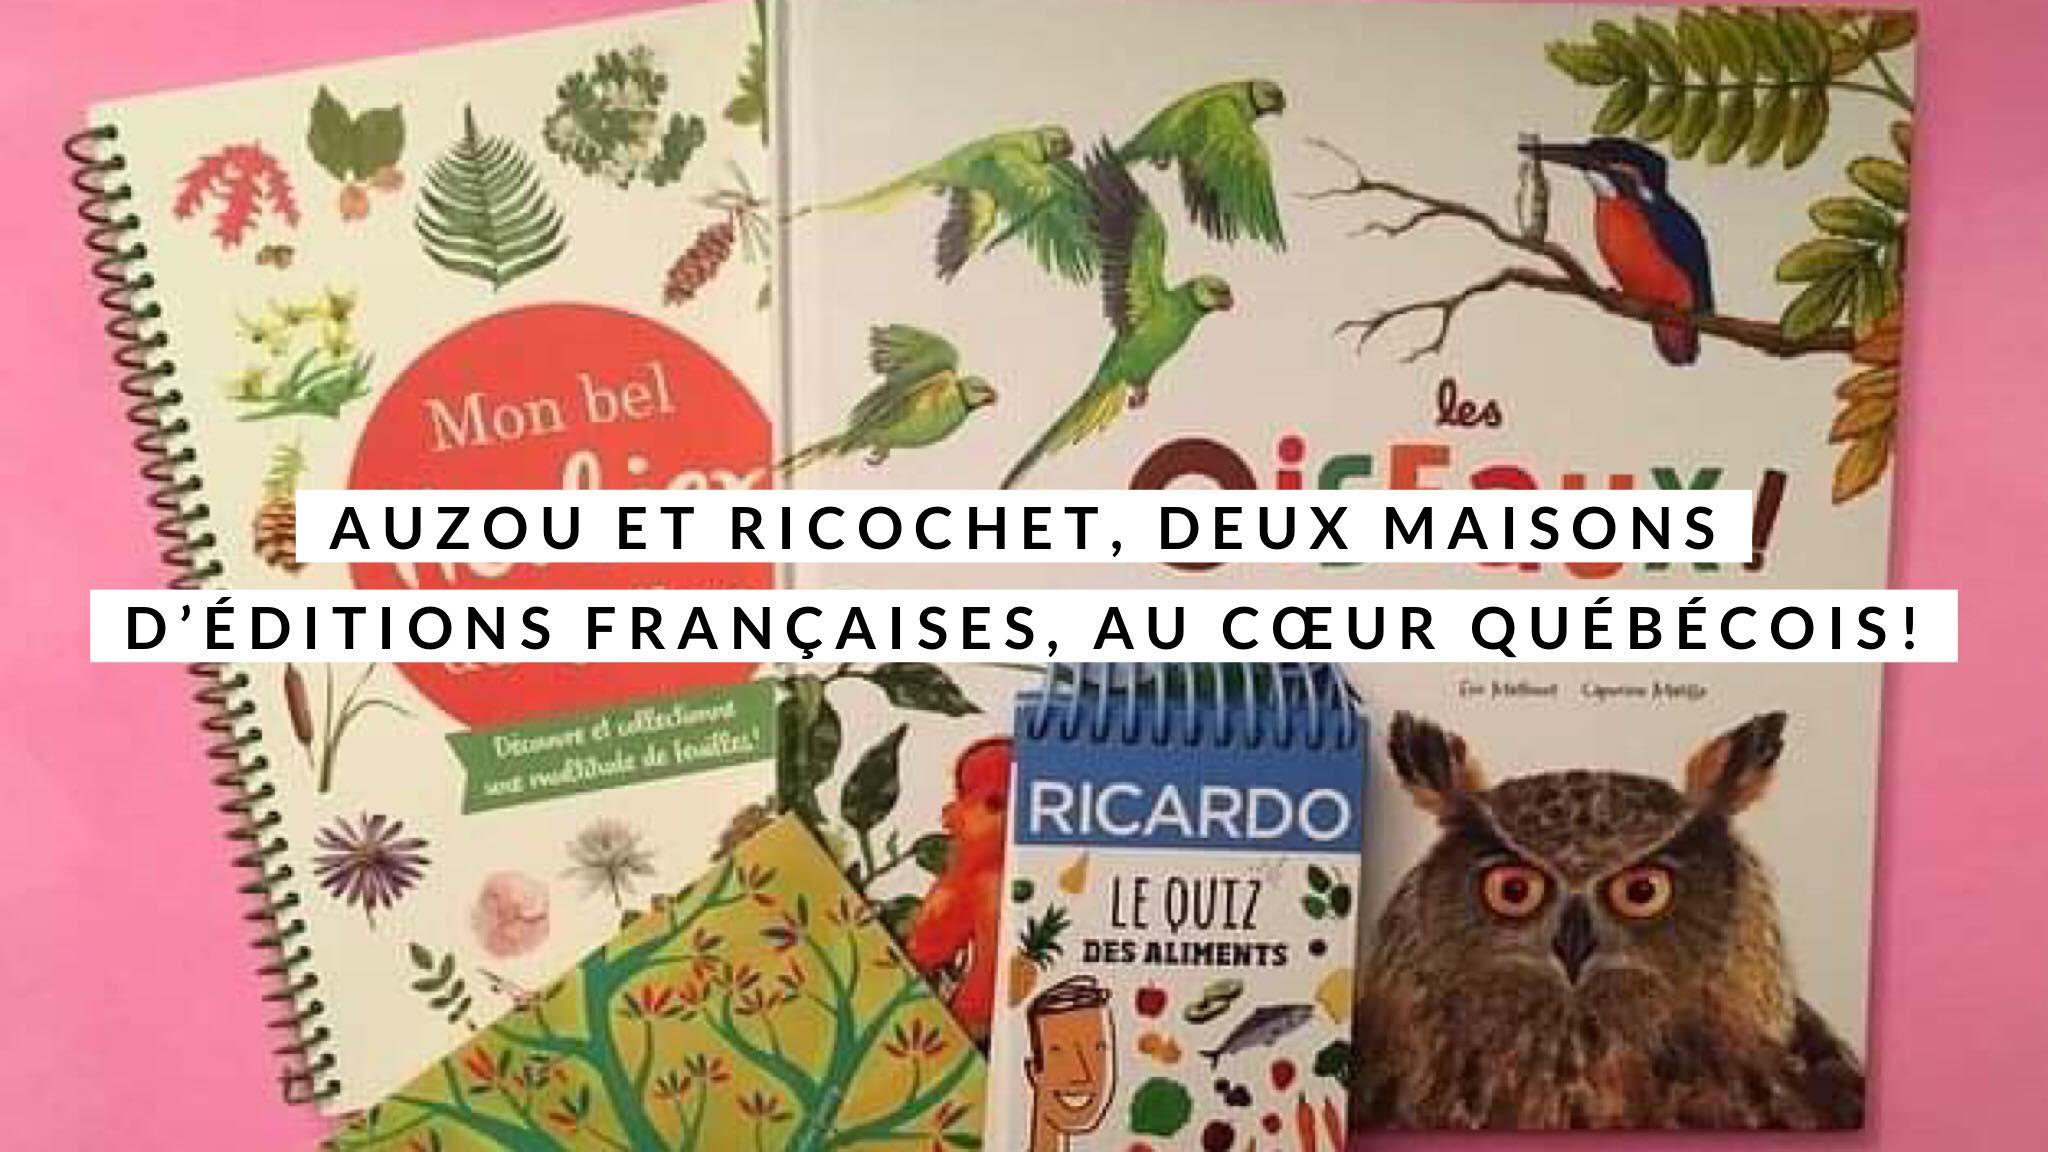 Auzou et Ricochet